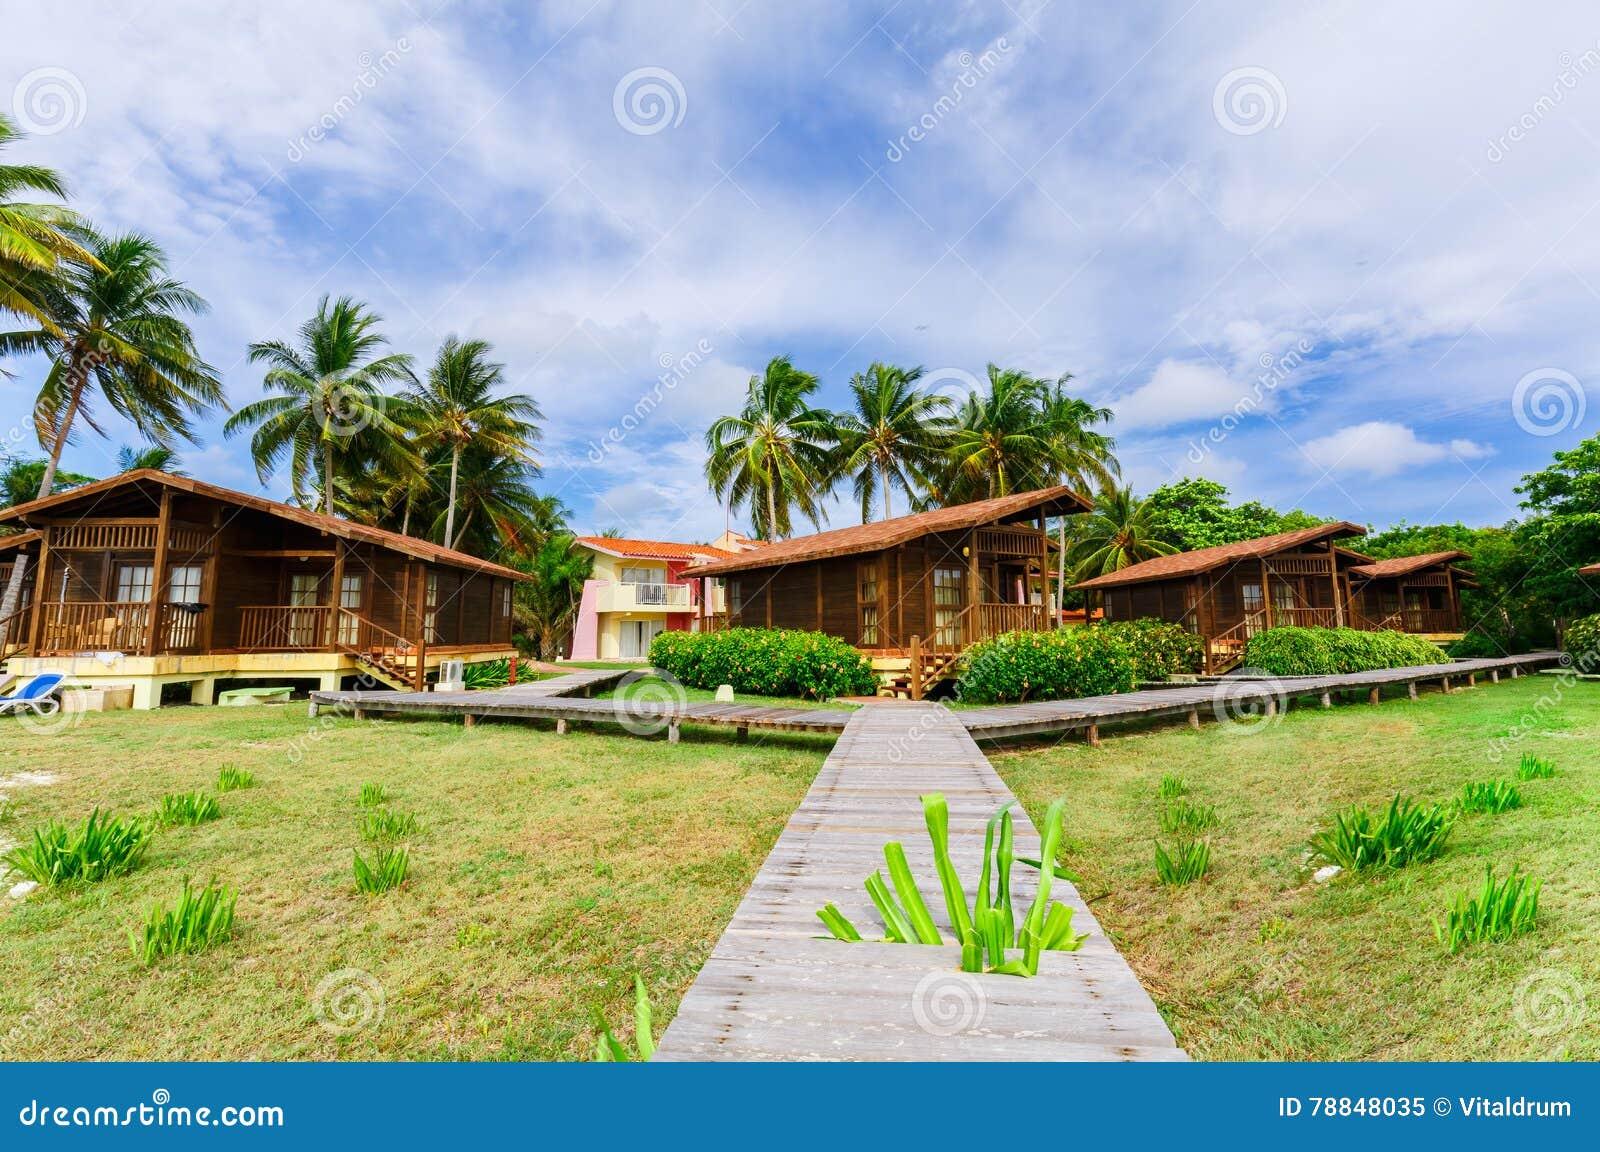 Sky Garden Rooftop Lounge - Bali Best Rooftop Bars